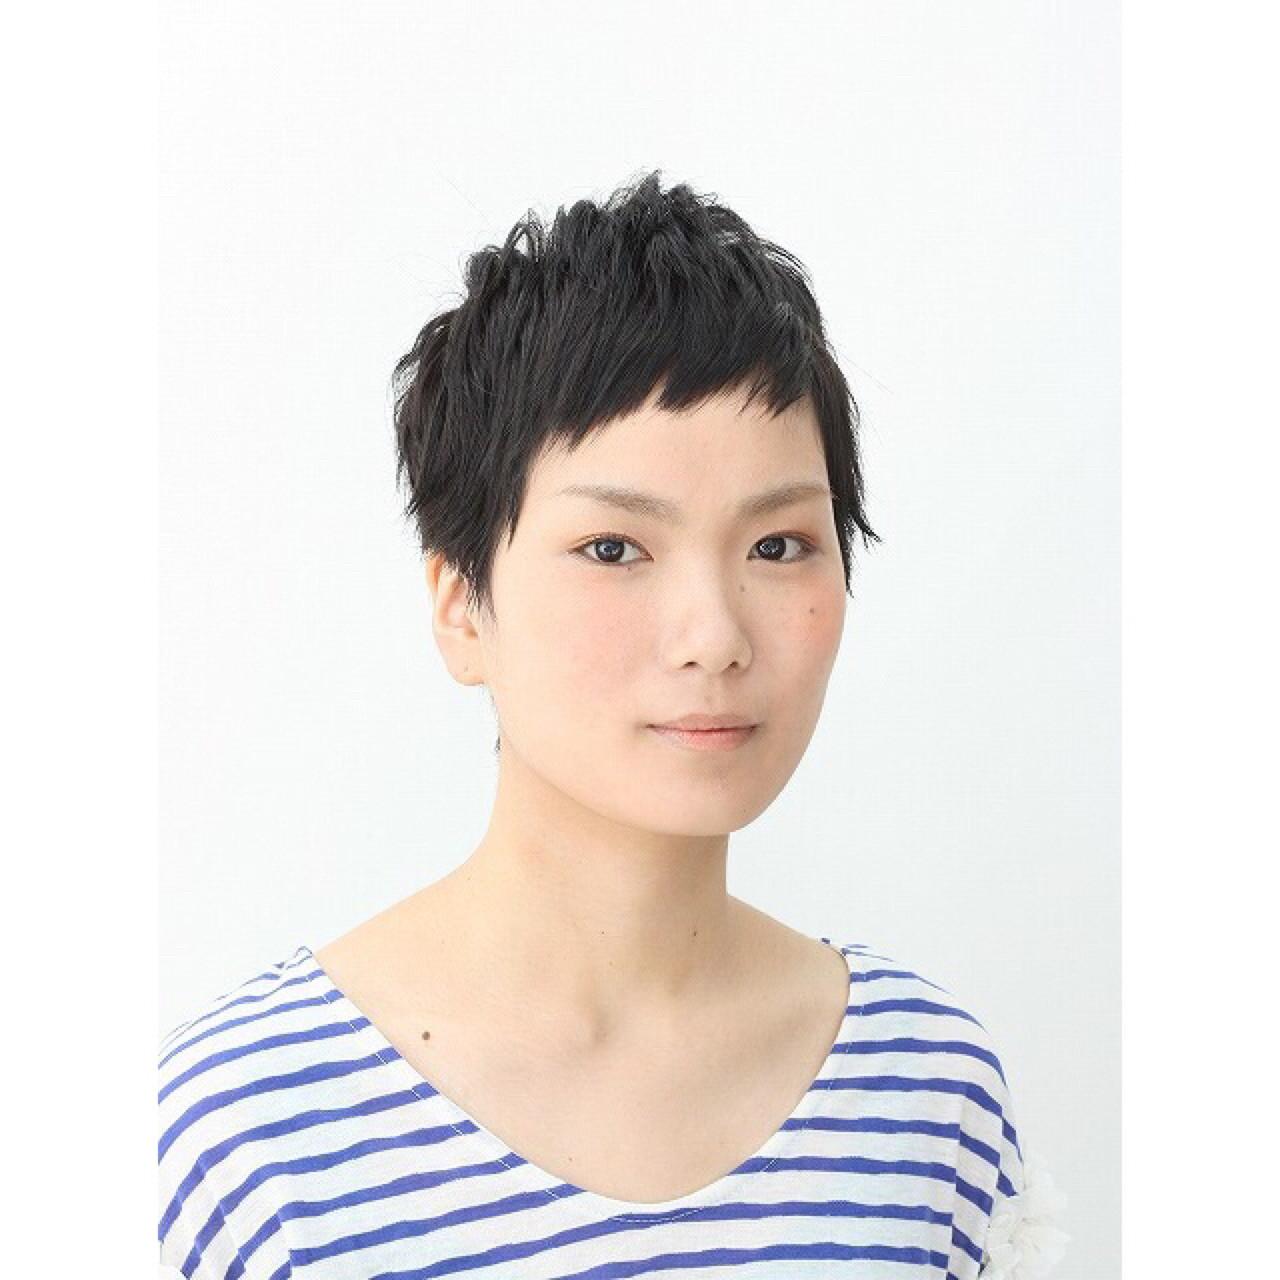 マニッシュ ストリート 黒髪 ベリーショート ヘアスタイルや髪型の写真・画像